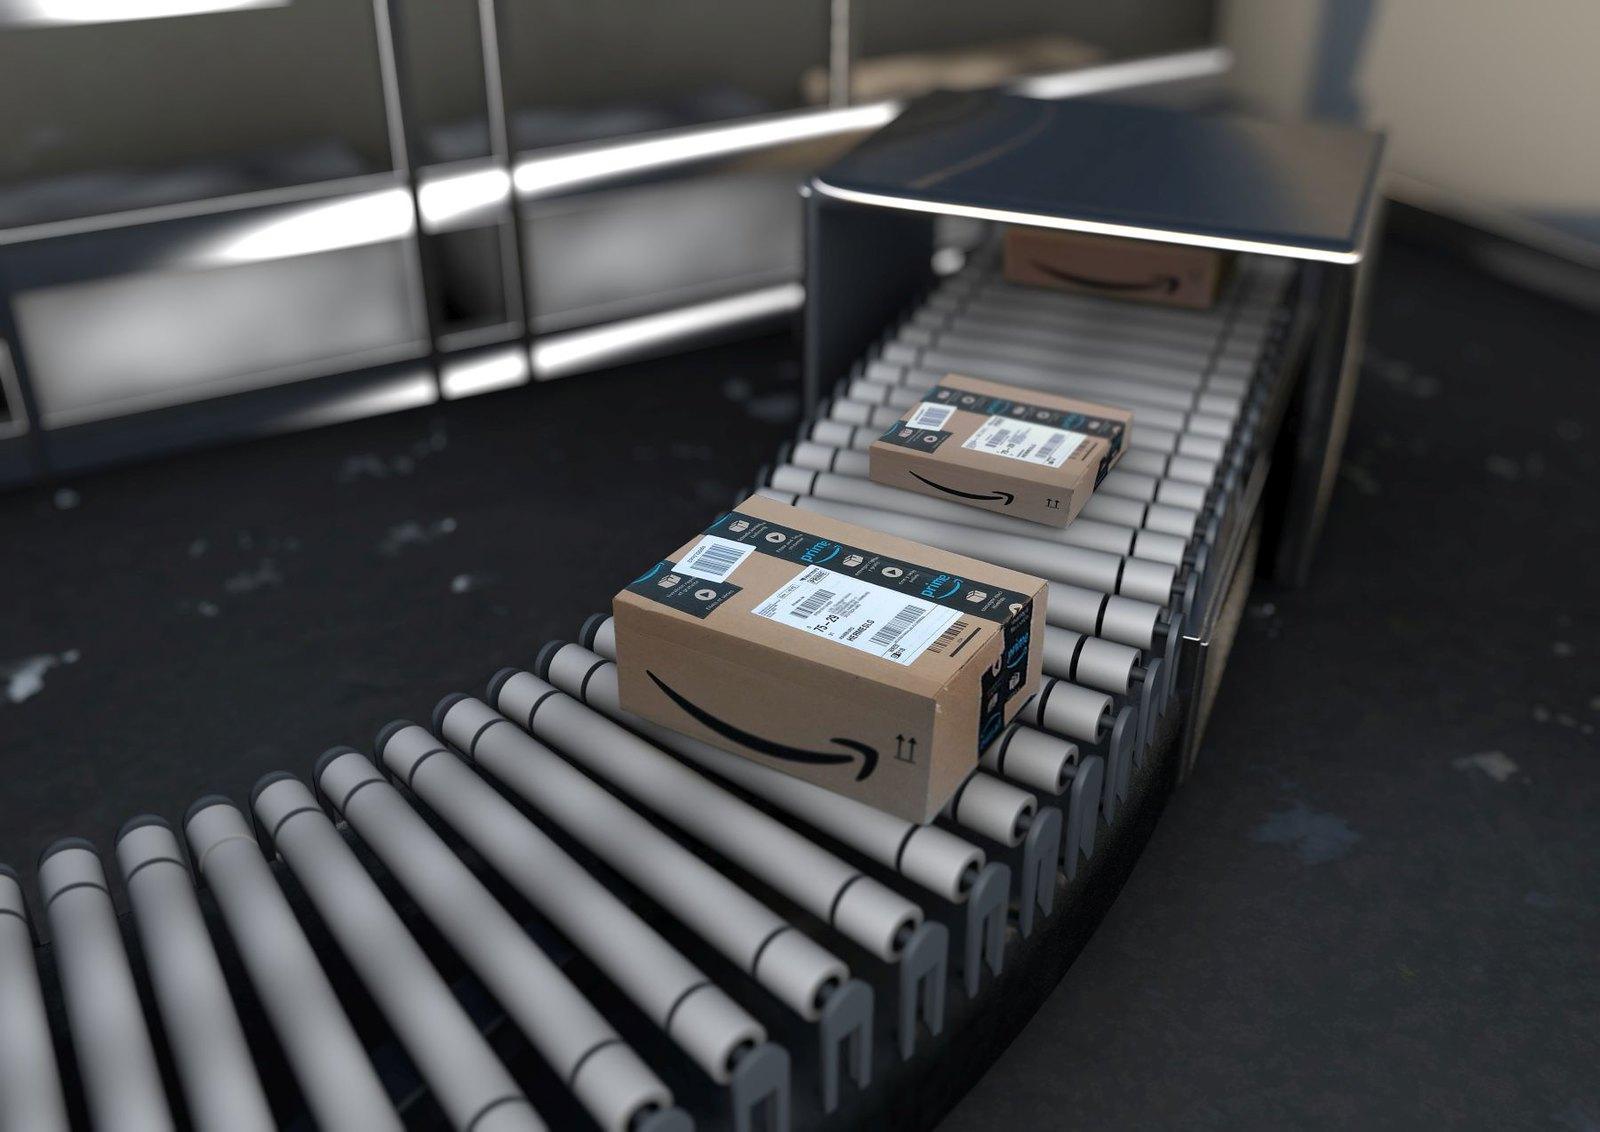 La plateforme logistique d'Annecy - Seynod pourra traiter à terme plusieurs dizaines de milliers de colis.